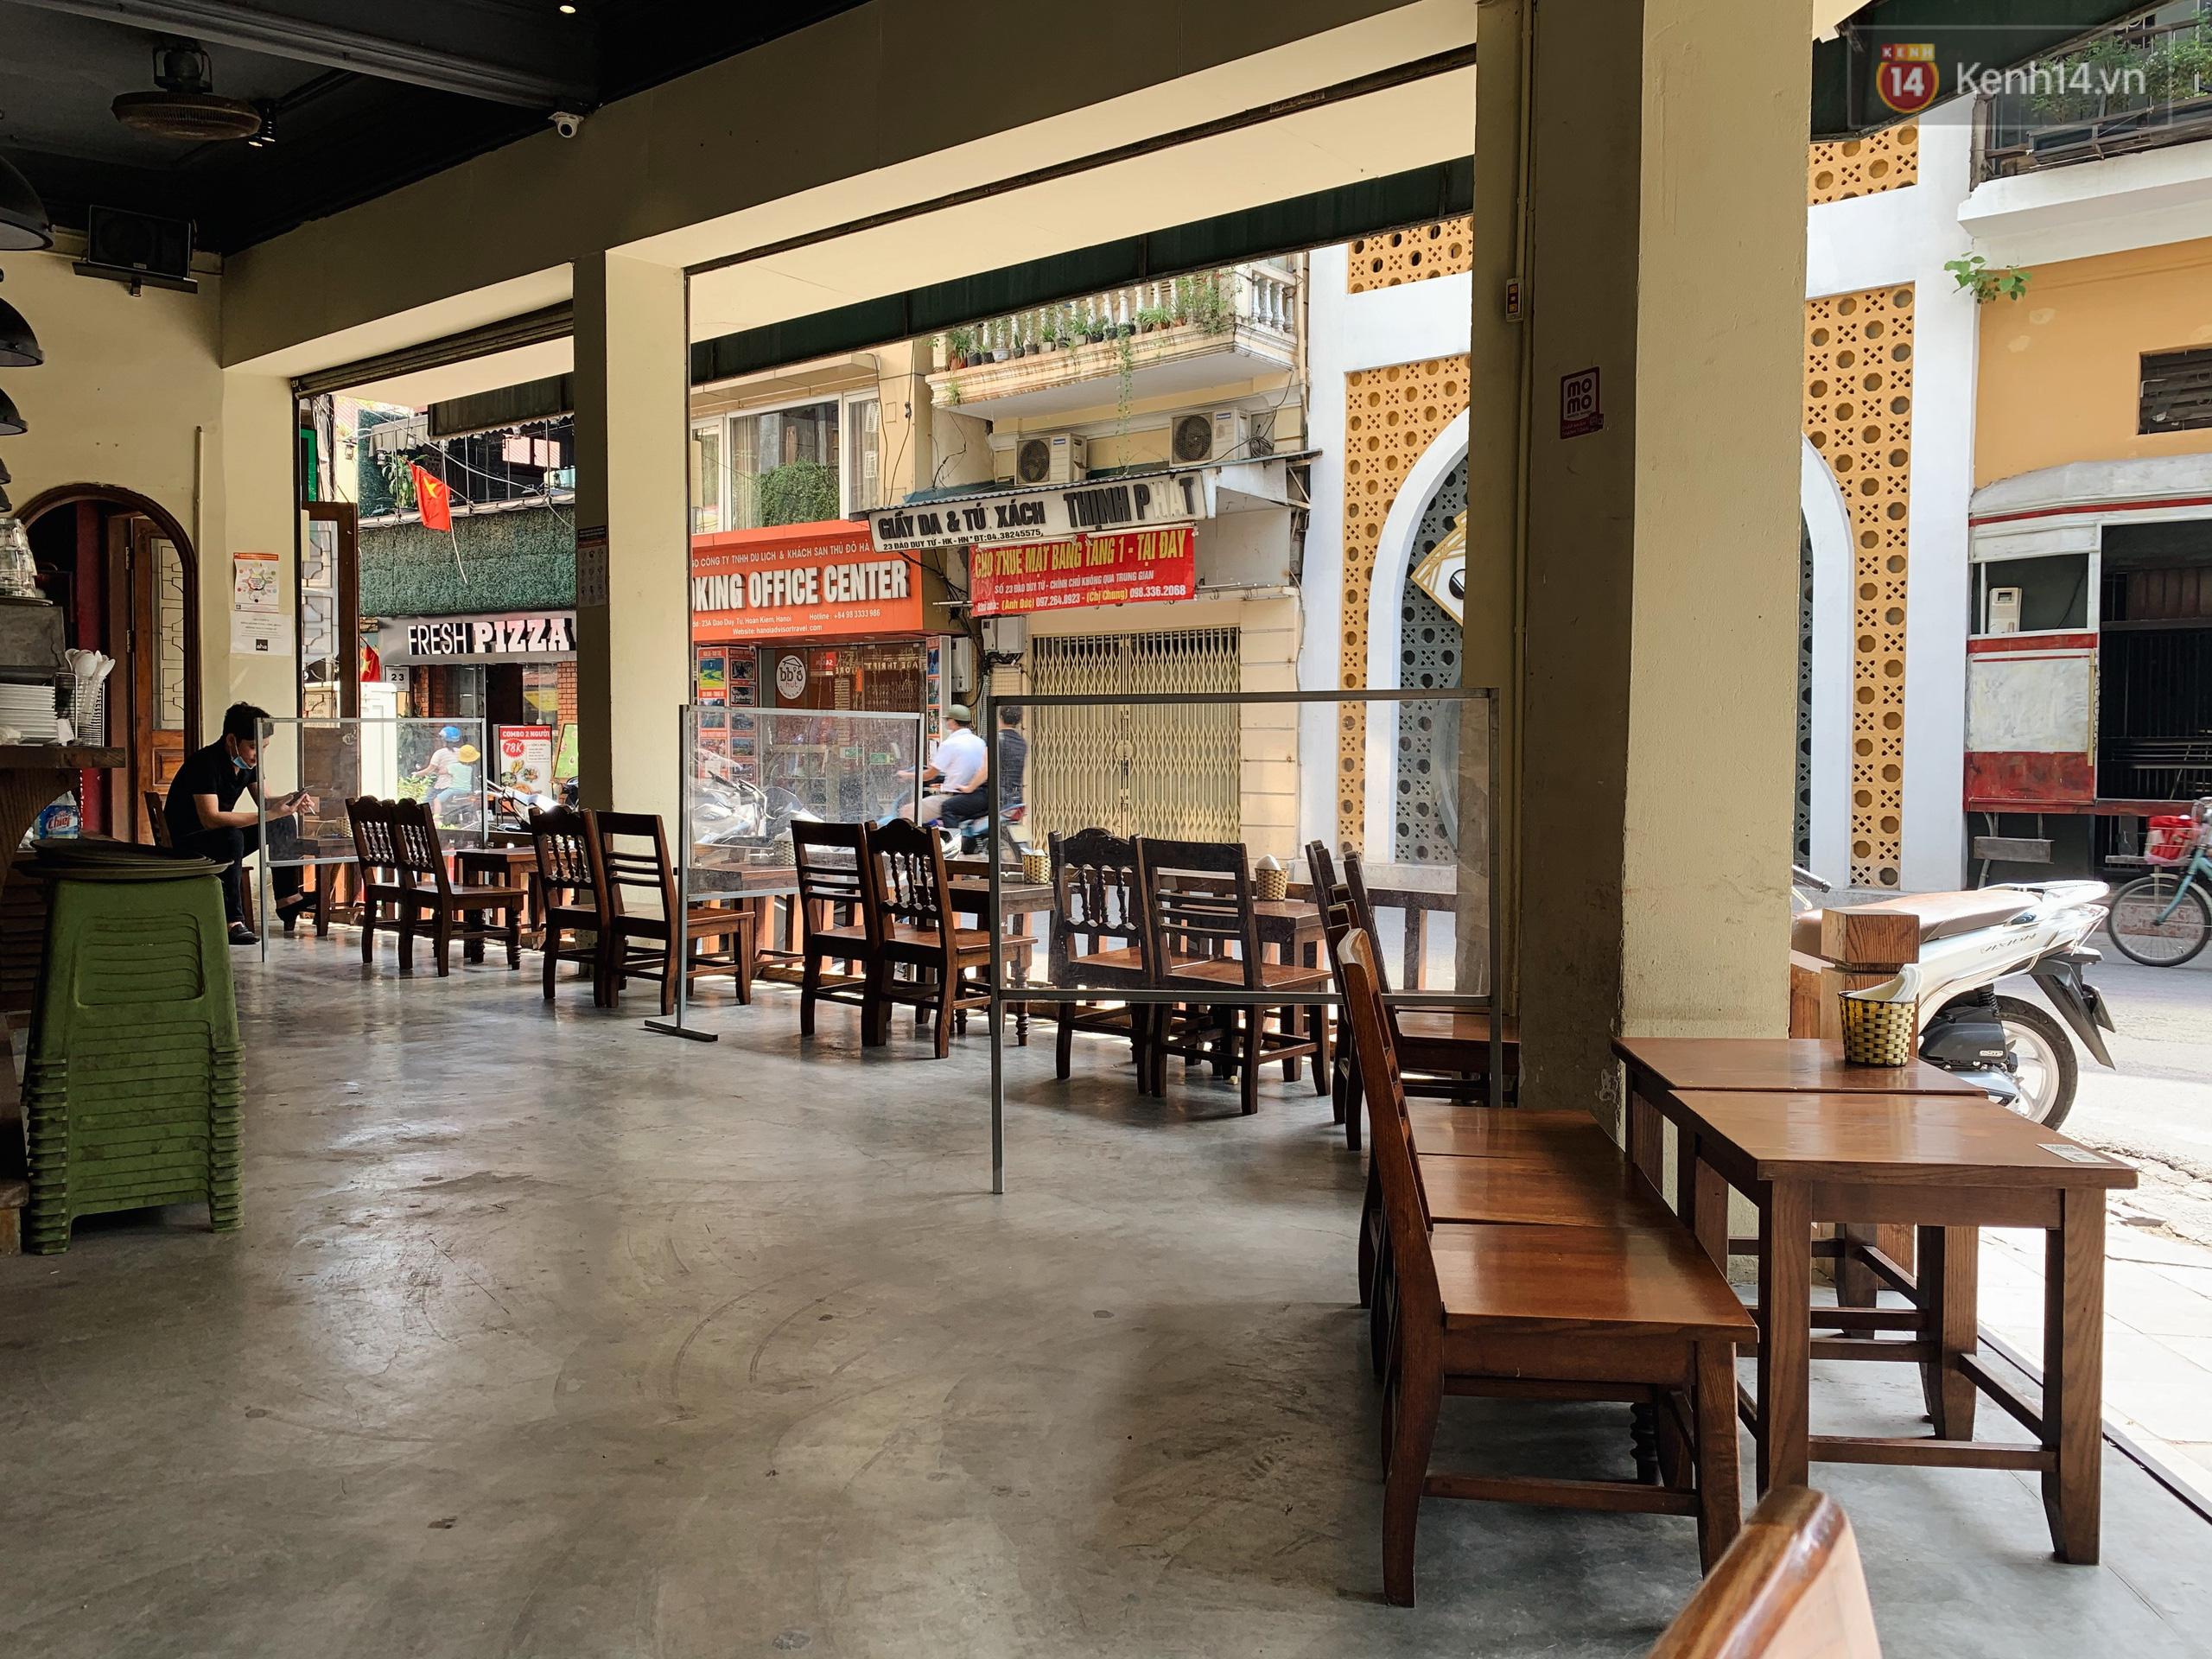 Phố xá Hà Nội ngày đầu toàn dân đi làm trở lại: Lác đác hàng ăn sáng mở cửa, cà phê hiếm bóng người - Ảnh 10.